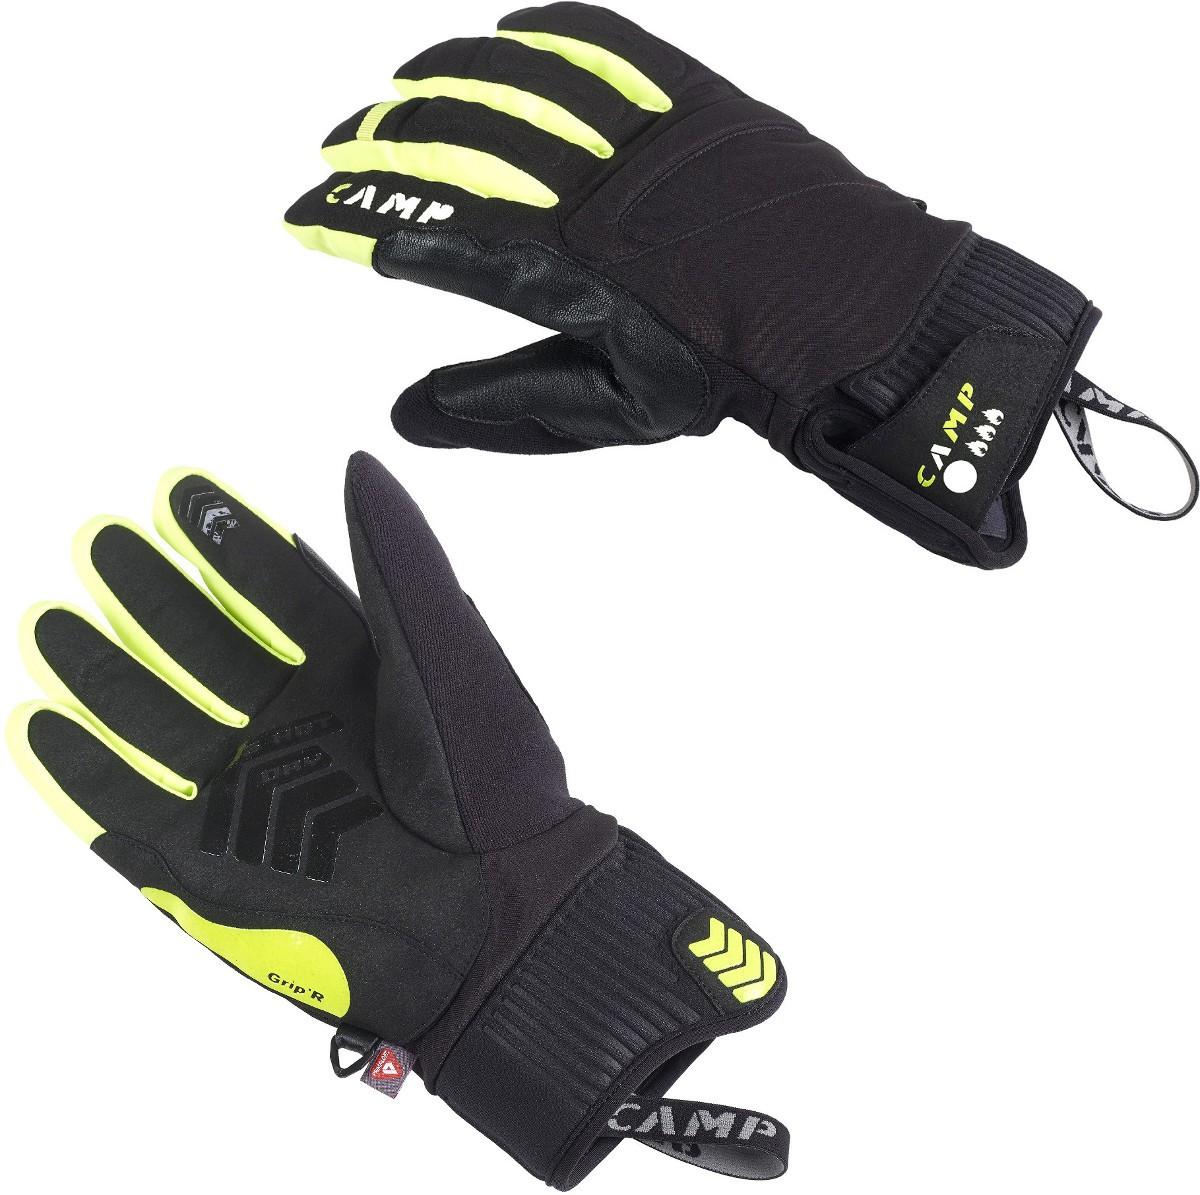 nouveau style fabrication habile modélisation durable Achat camp gant